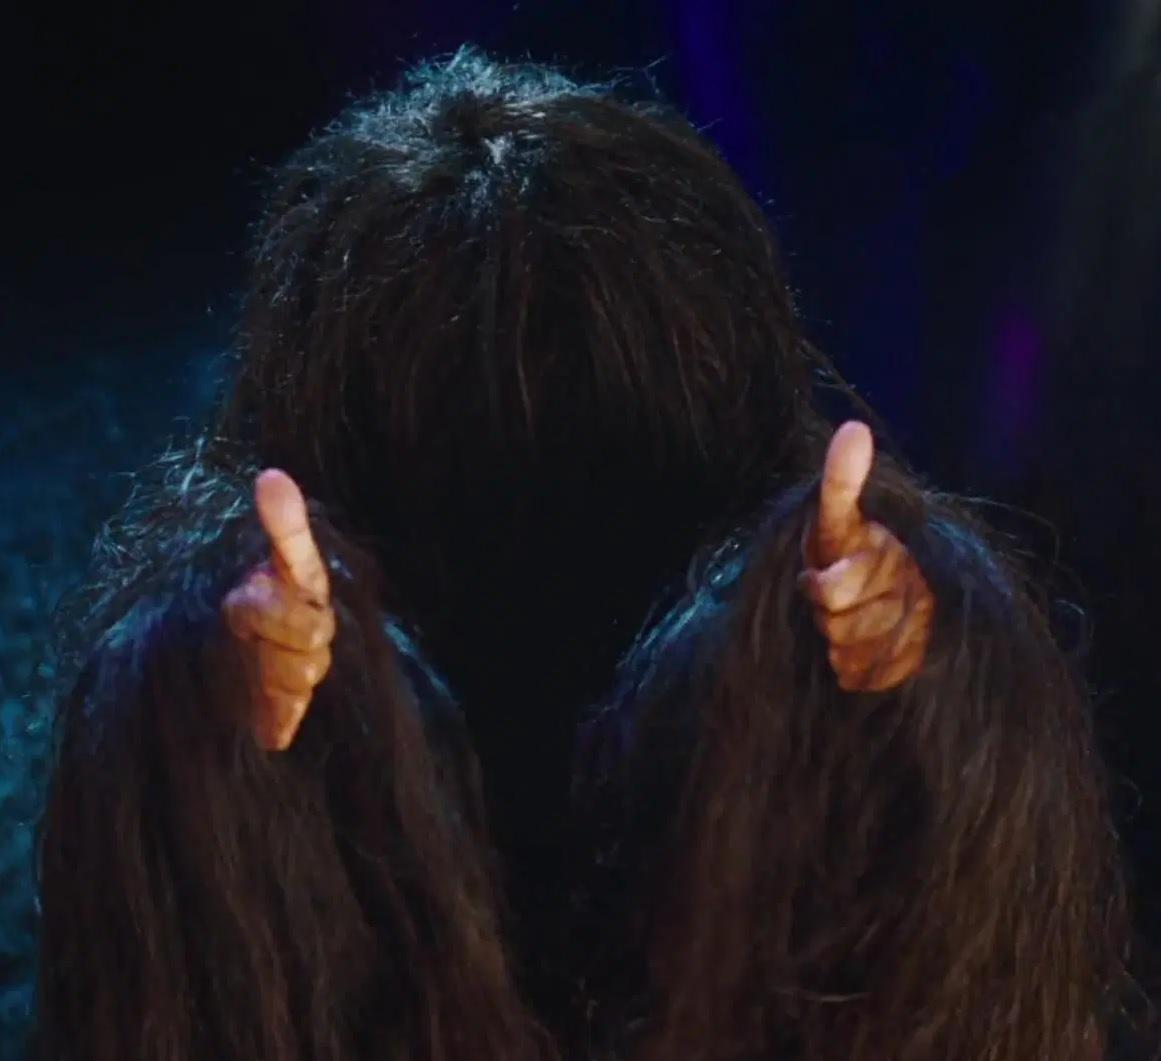 File:Deep Roy as Oompa Loompas (Hair Toffy Tester).jpg